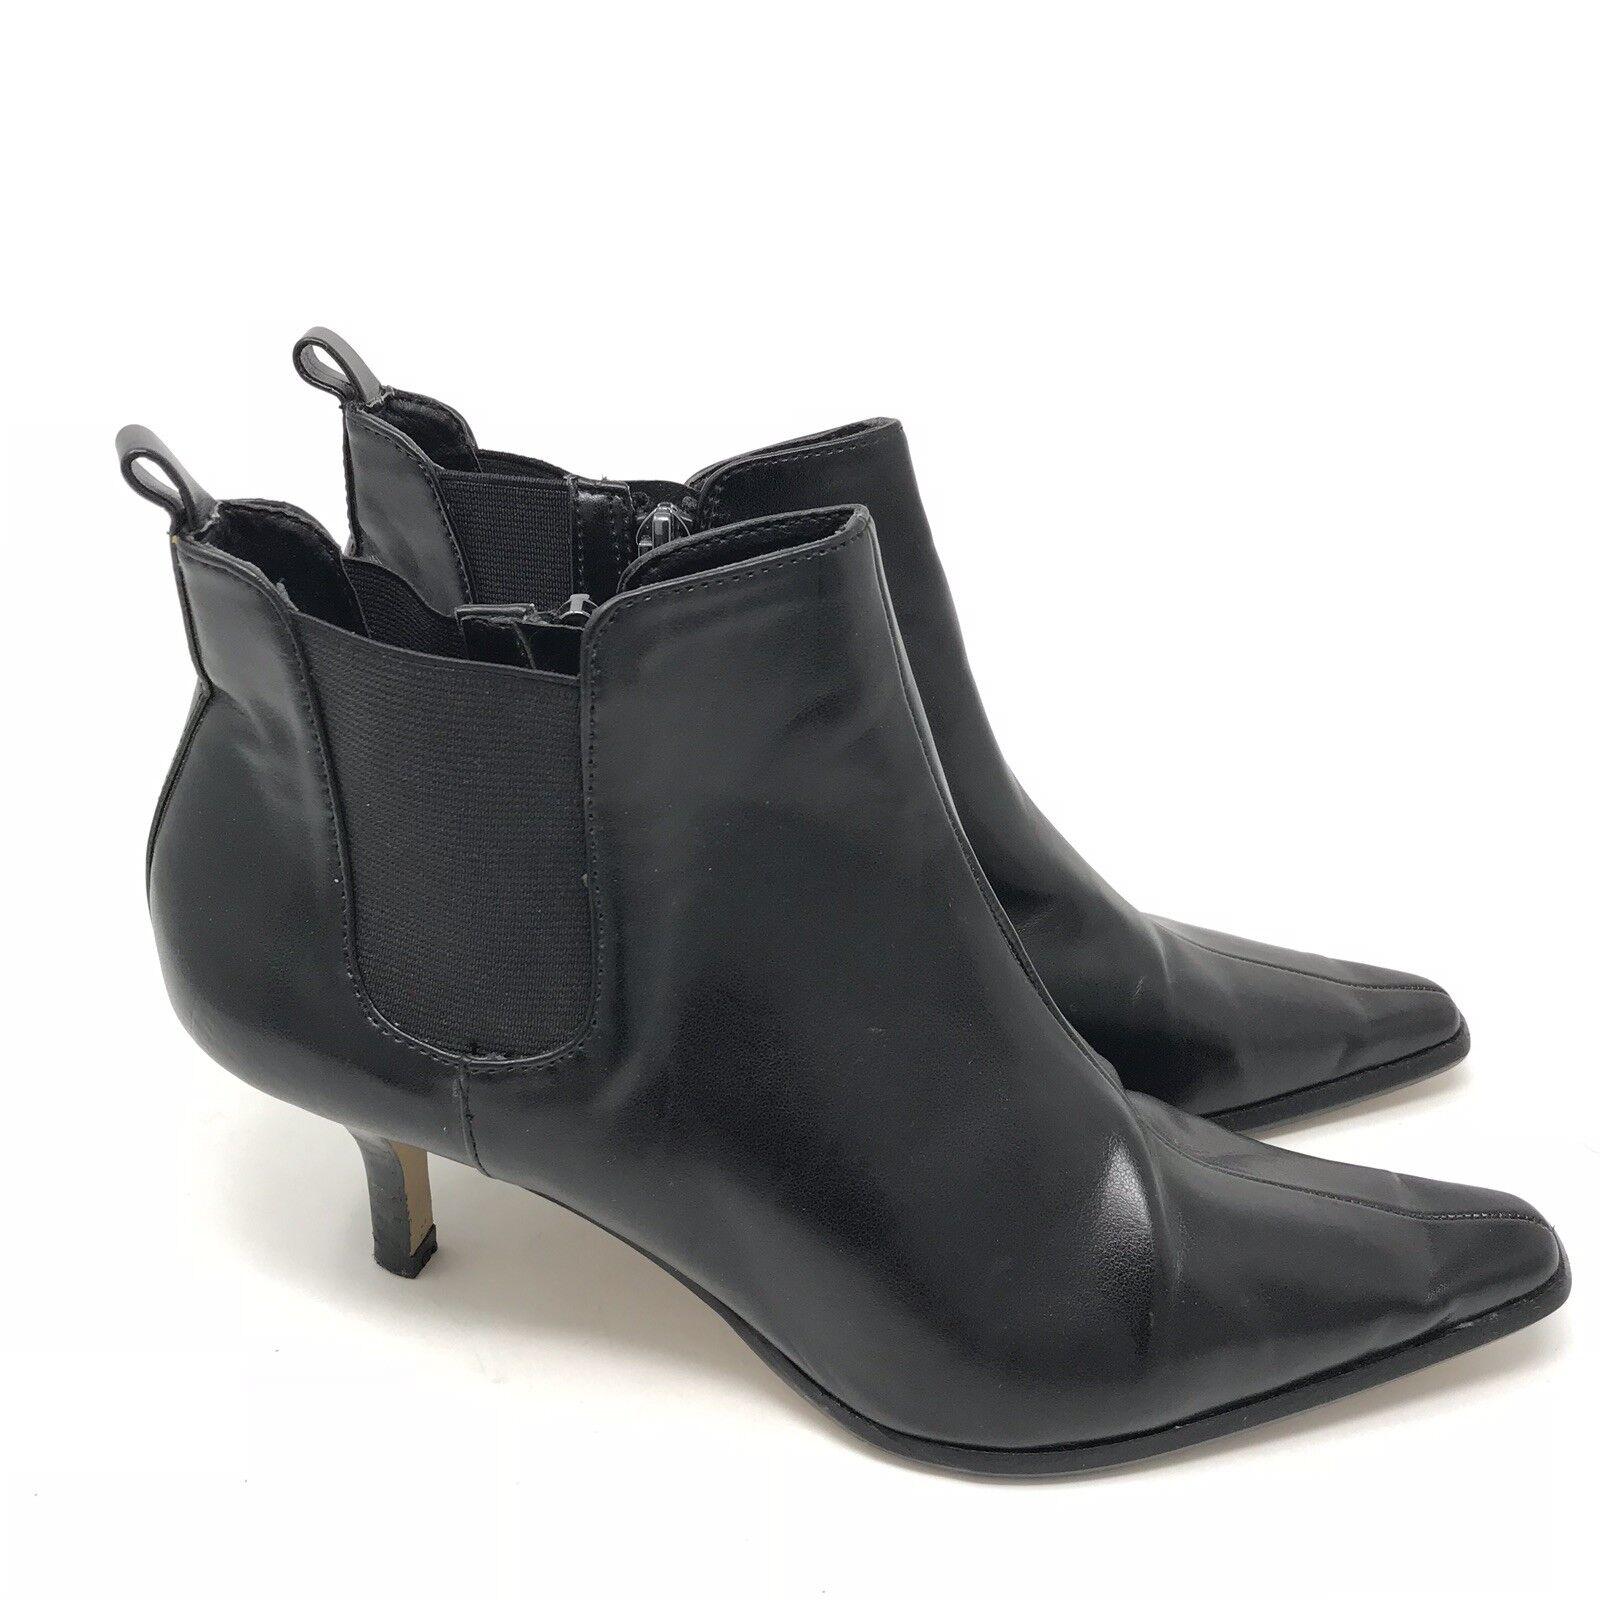 Donald J Pliner botas talla 7.5 leeo Tobillo Tacón Para Mujer Cuero Negro Gatito